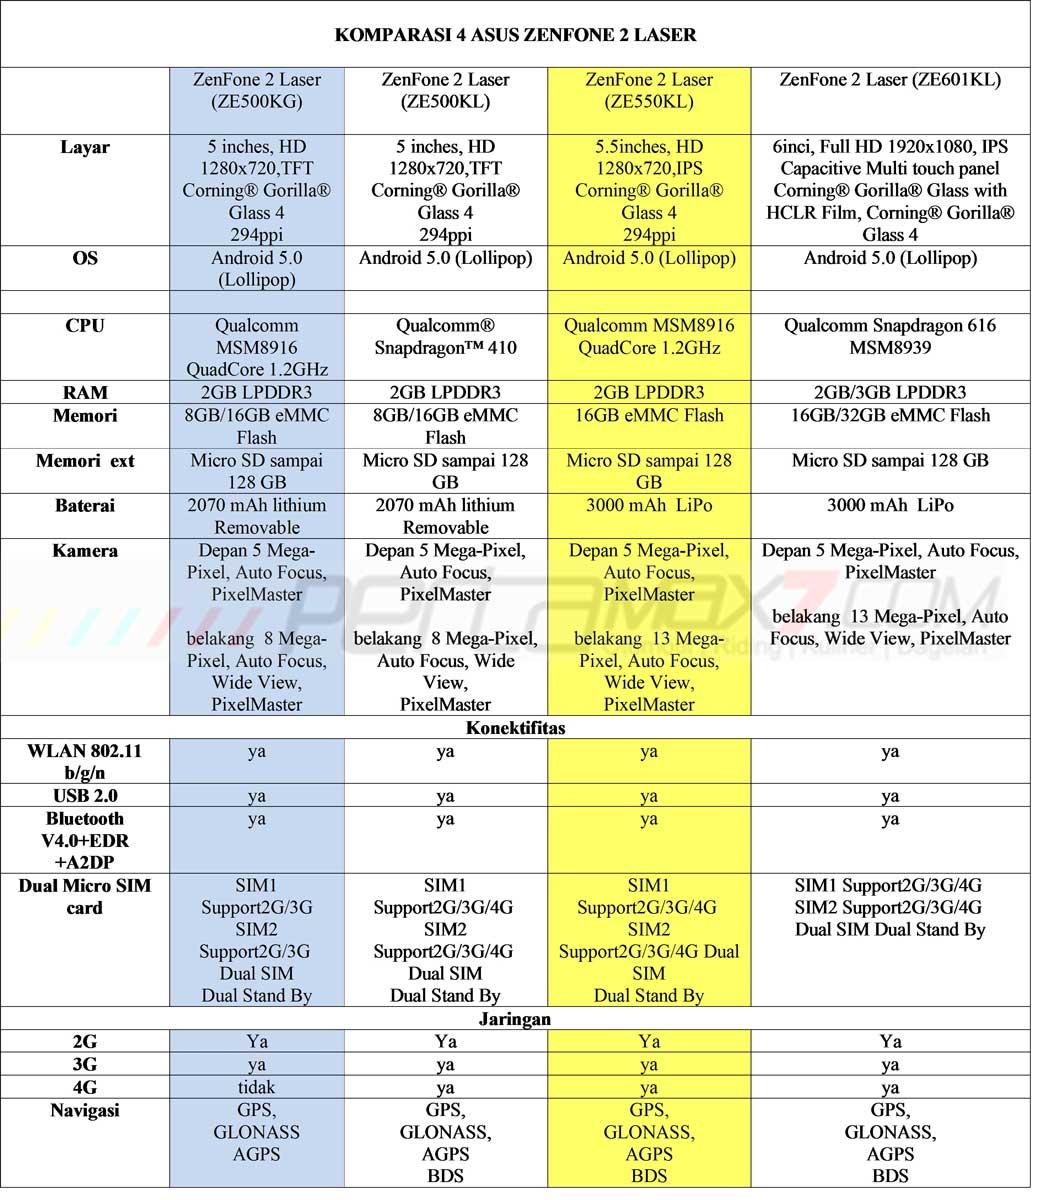 Komparasi 4 jenis Asus ZenFone 2 Laser ZE500KG VS  ZE500KL VS ZE550KL VS ZE601KL  pilih Versi 3G apa 4G pertamax7.com